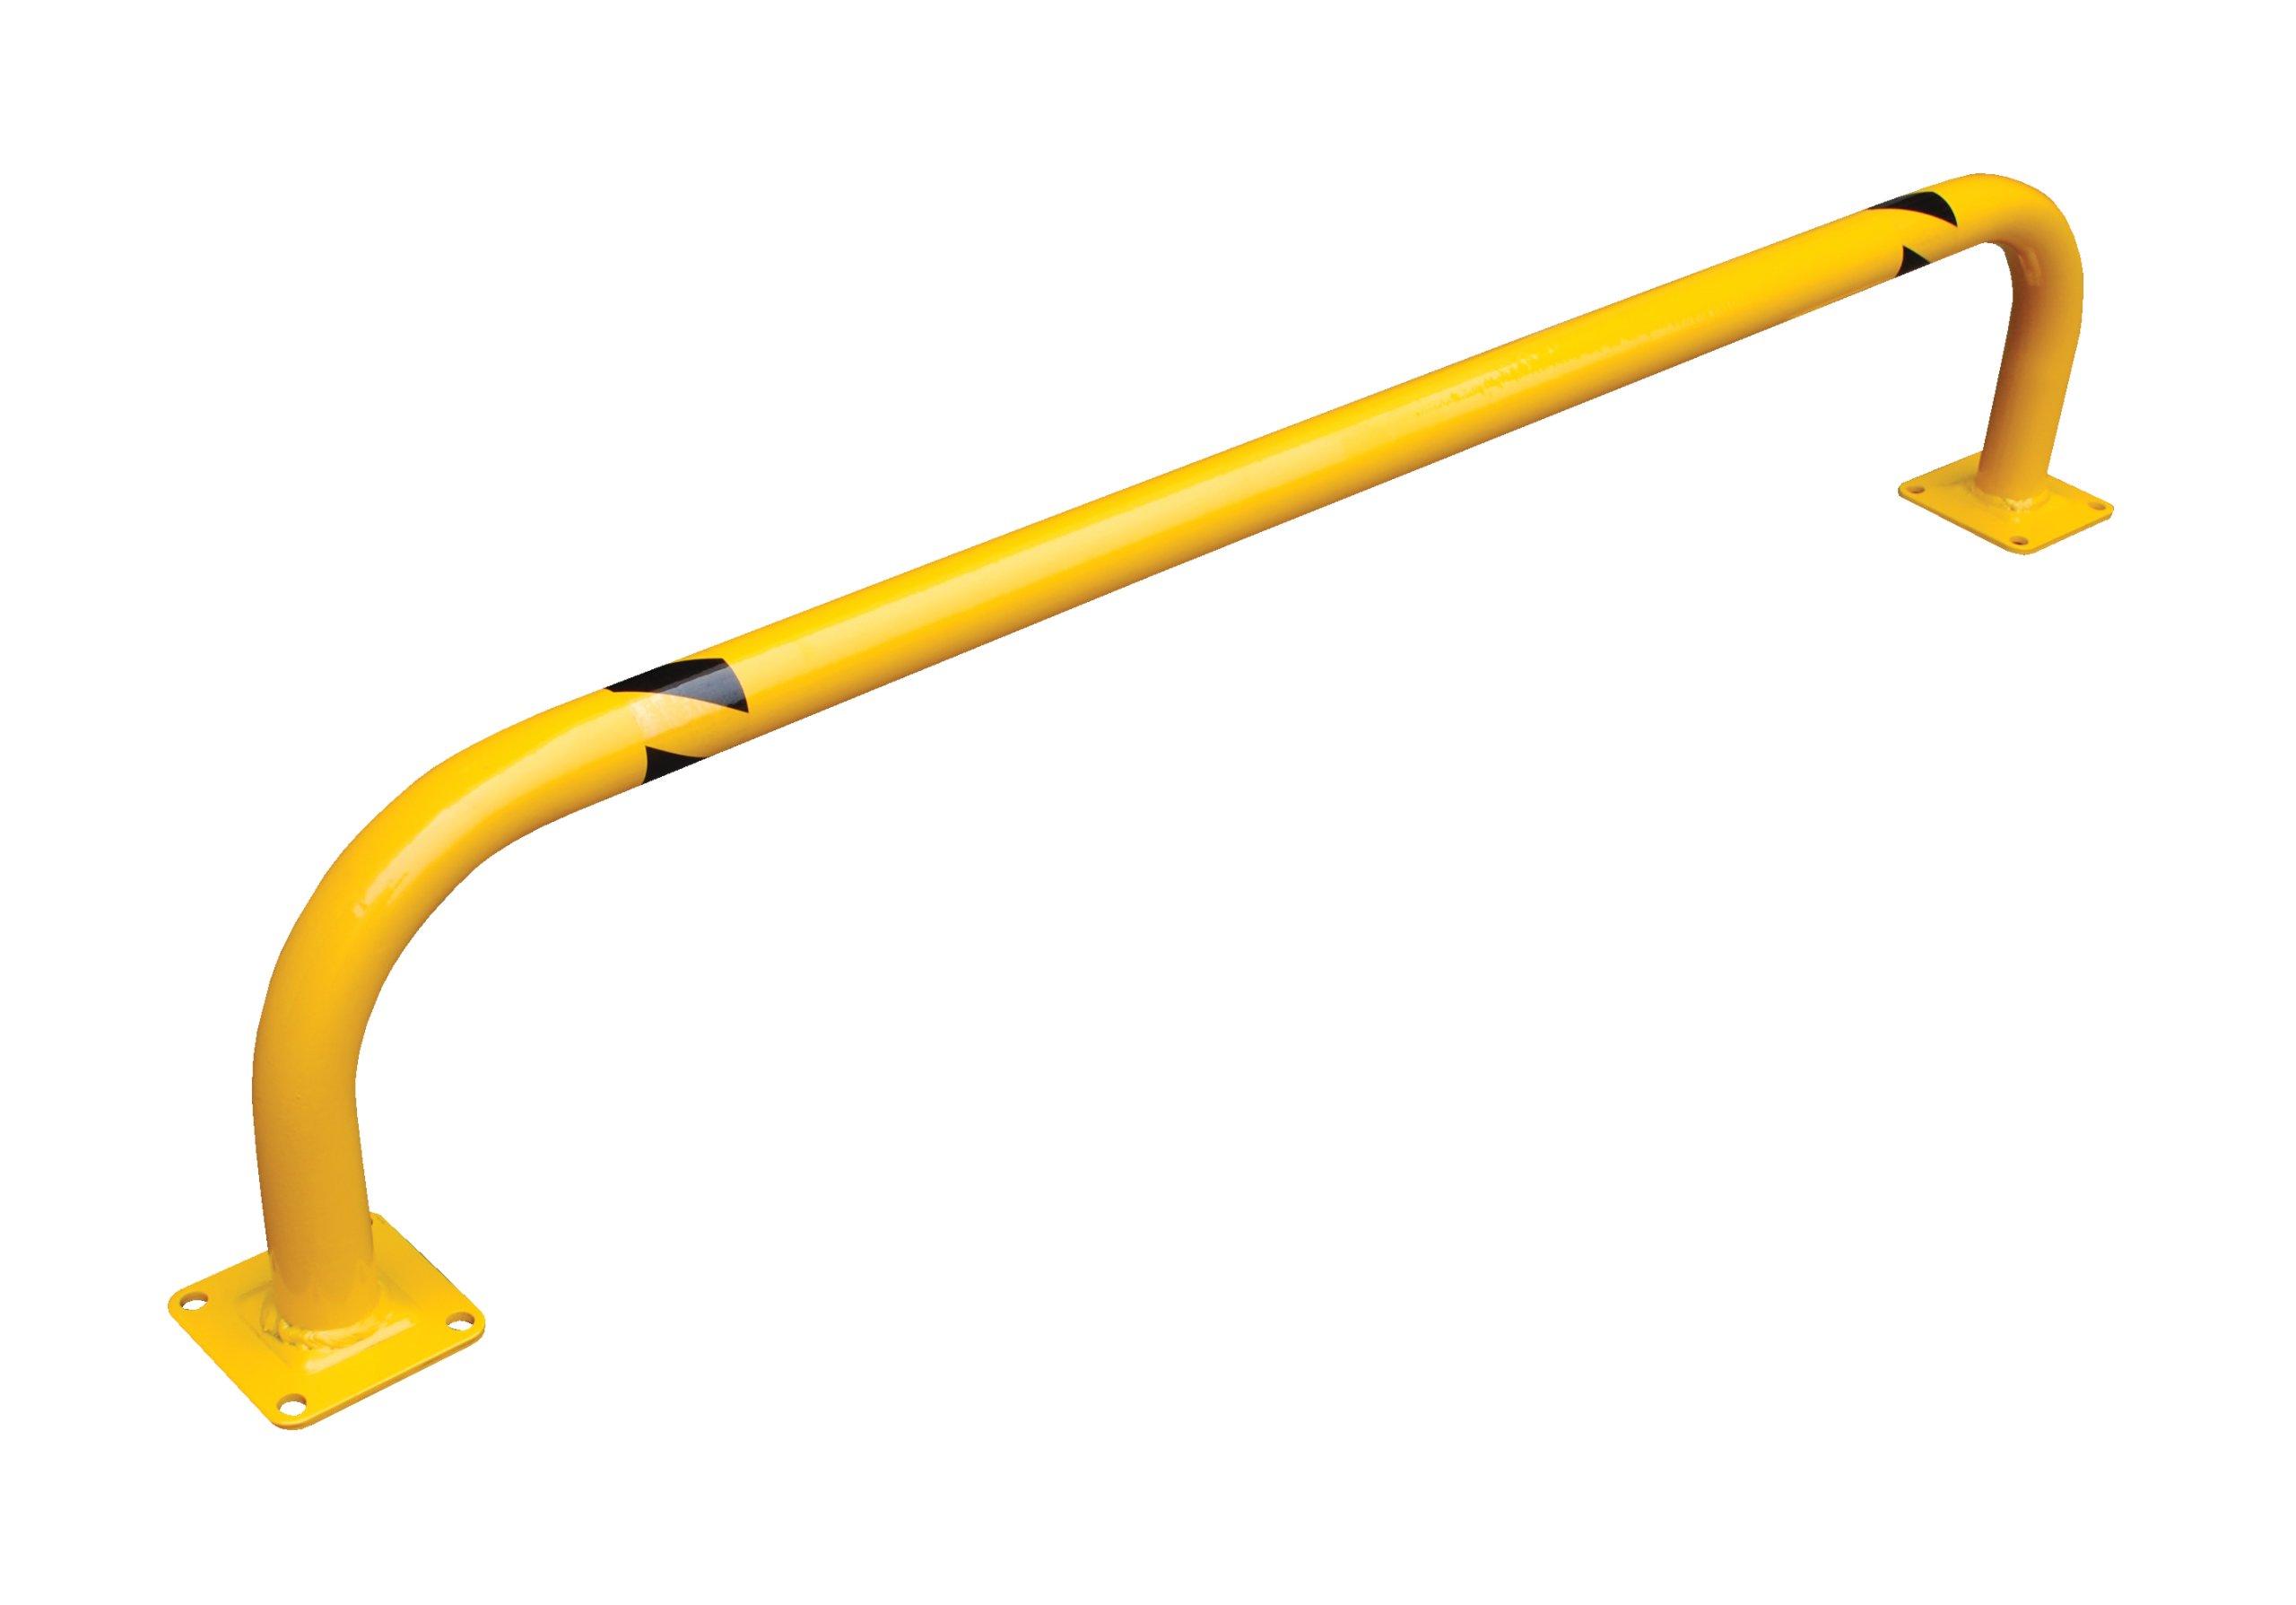 Vestil Low-Profile Rack Guard - 36in.L x 9in.H, 1 3/4in. Outside Diameter, Model# LPRO-36-9-2